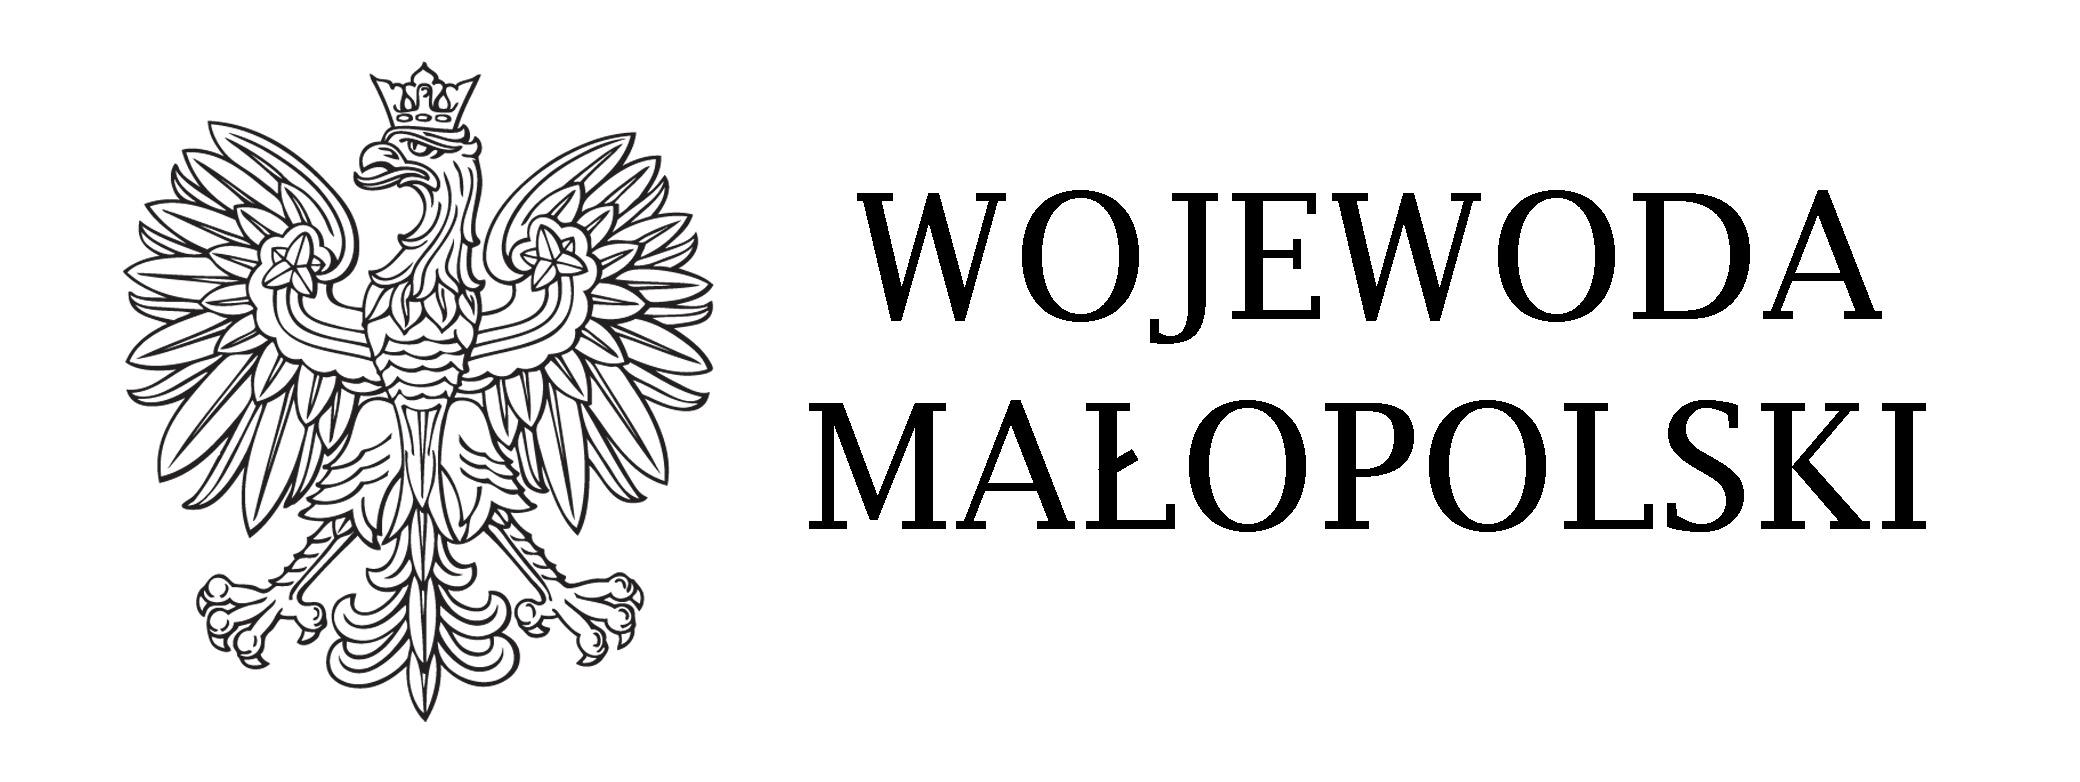 Logo Wojewoda Małopolski